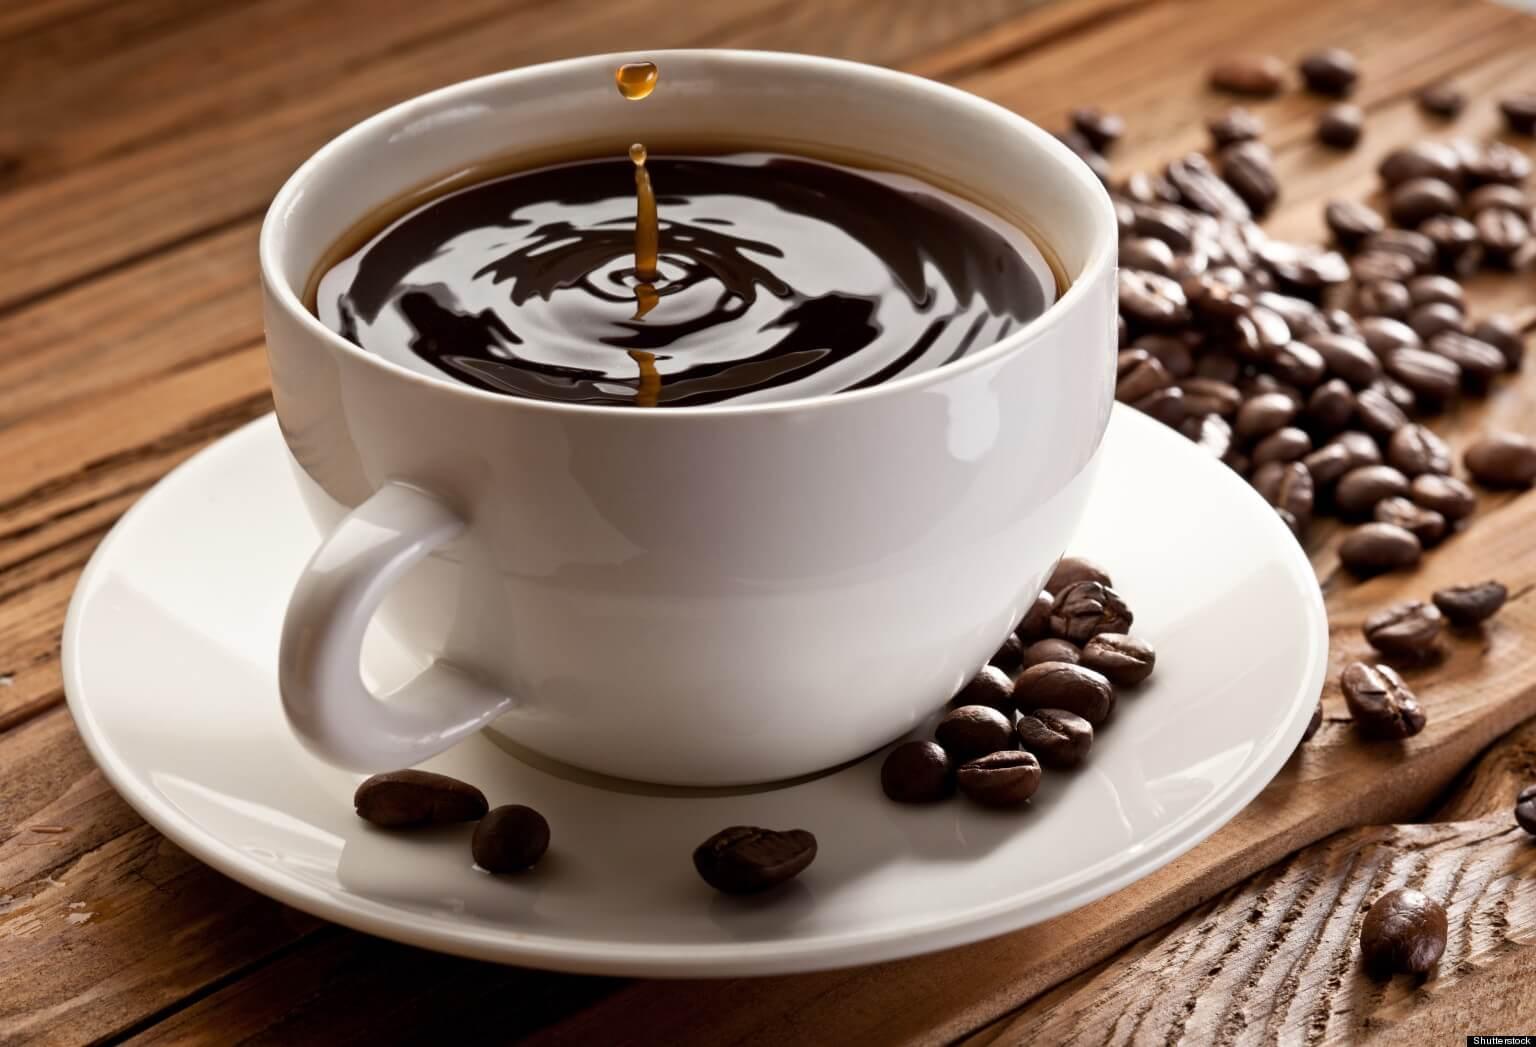 o-studenta-descoperit-bautura-care-poate-inlocui-cafeaua